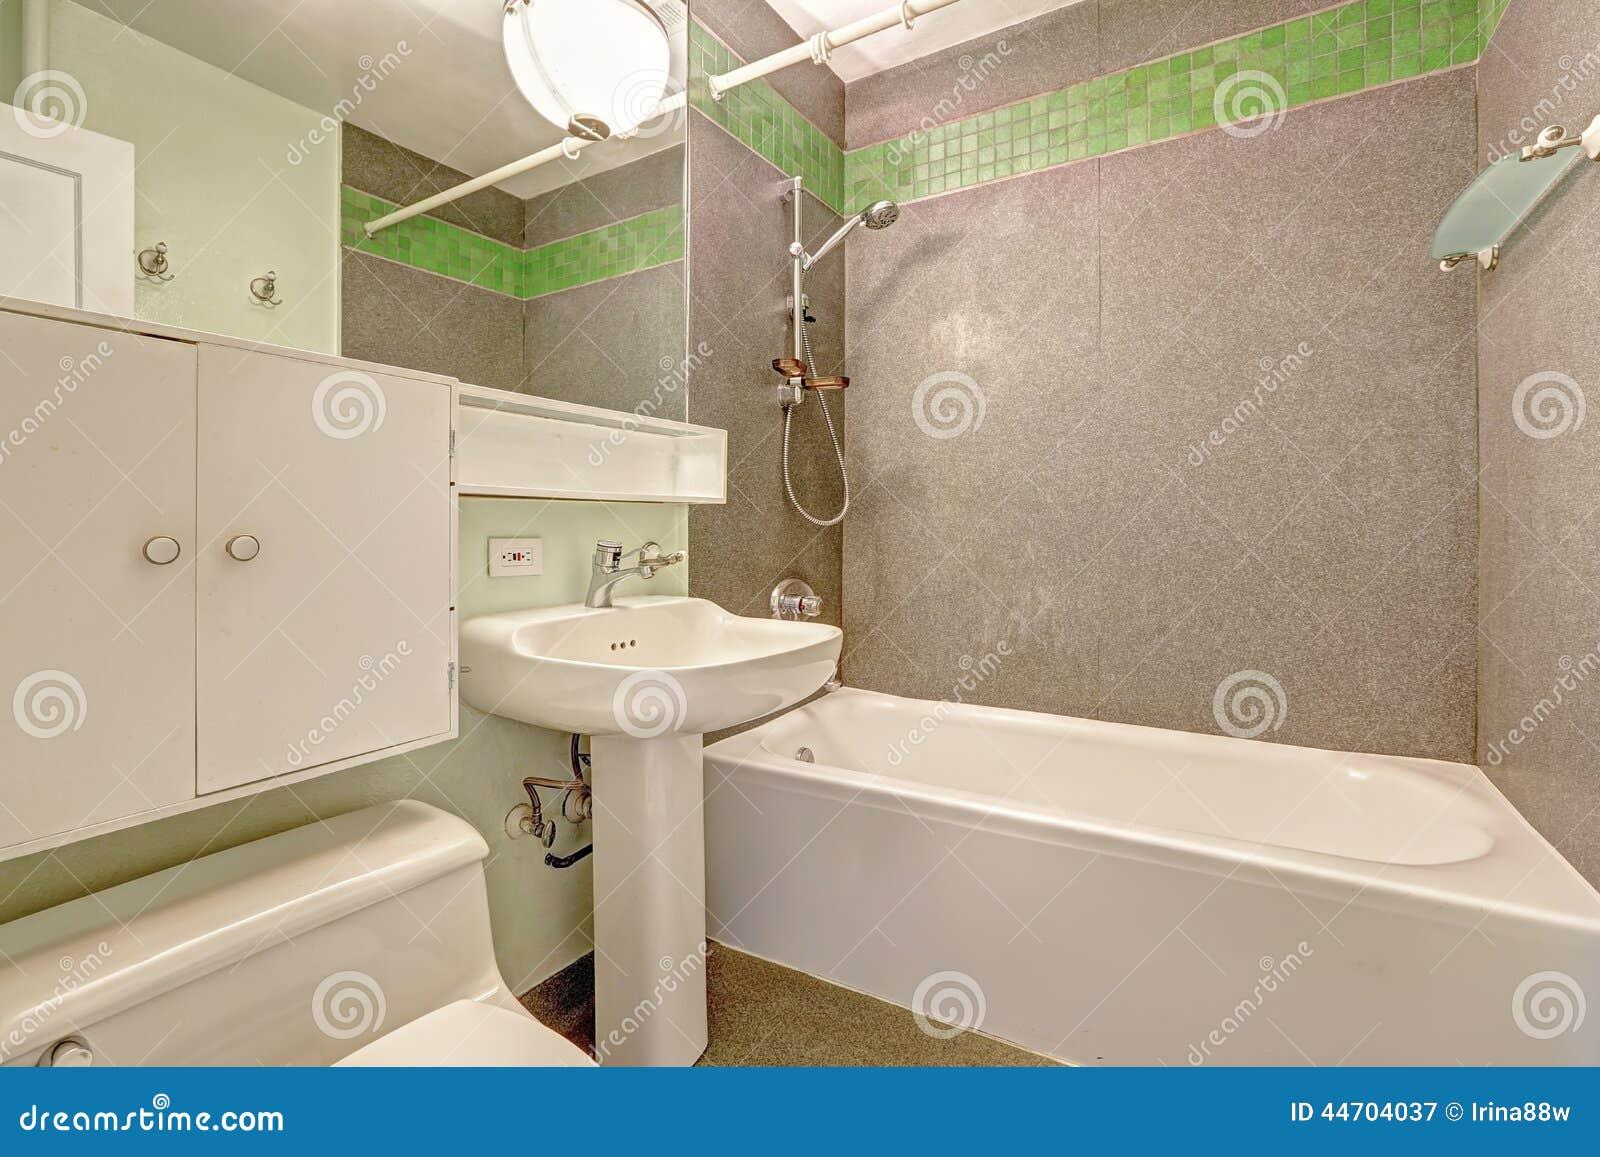 Smalto per piastrelle bagno stunning kit smalto per - Smalti idrorepellenti per bagno ...